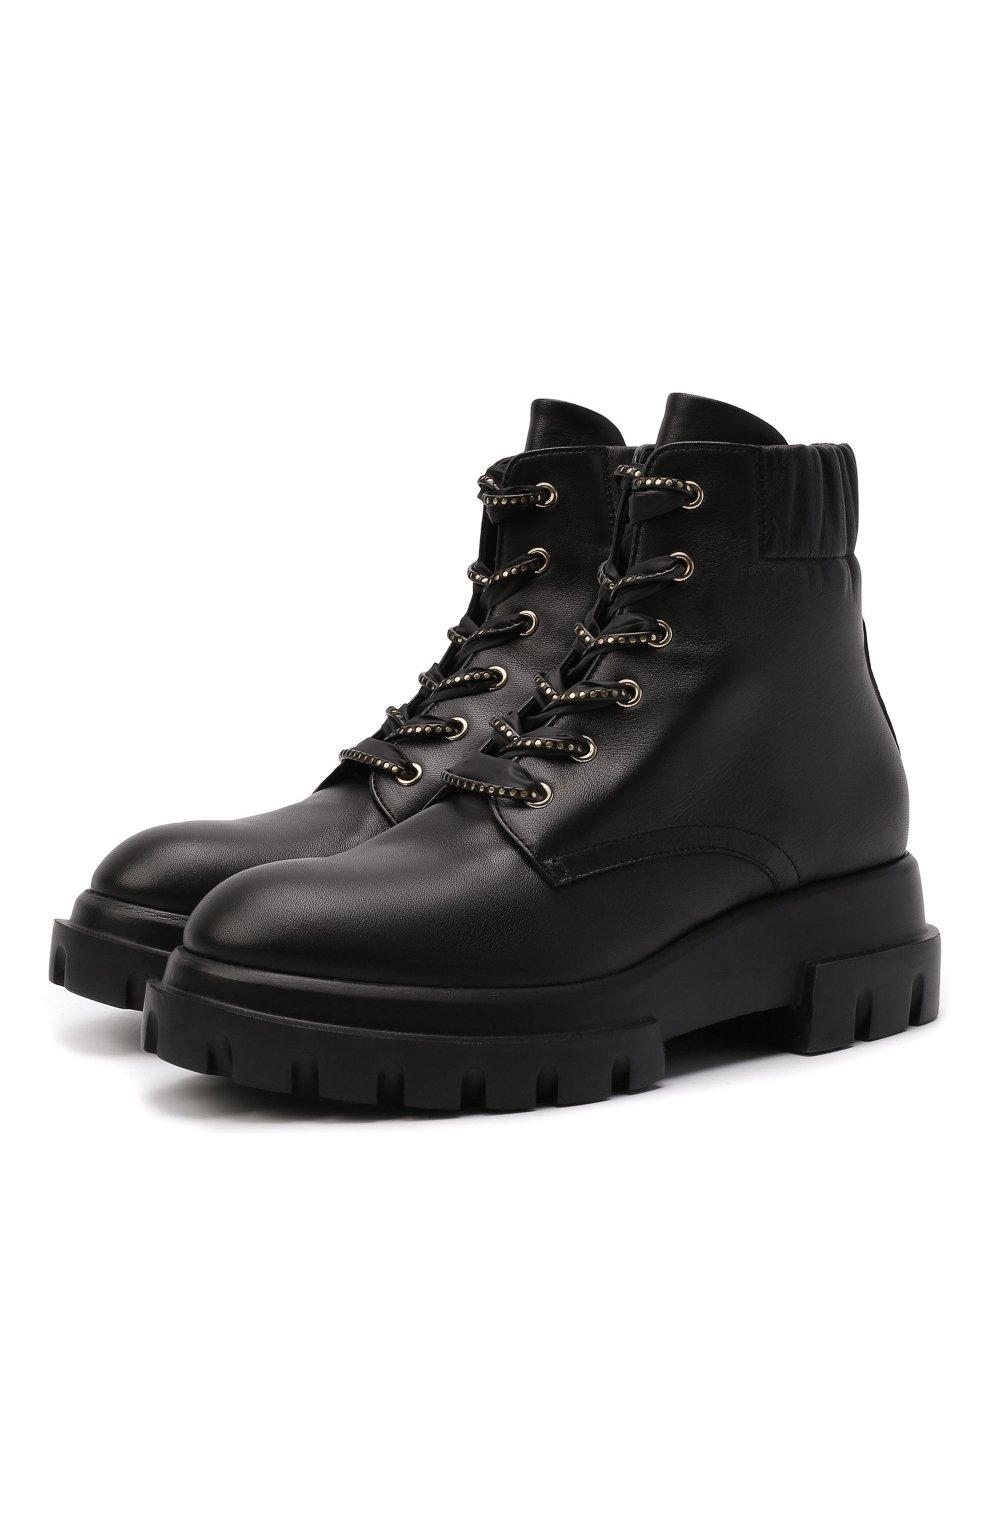 Женские кожаные ботинки AGL черного цвета, арт. D756549PGKA0761013 | Фото 1 (Подошва: Платформа; Каблук высота: Низкий; Материал внутренний: Натуральная кожа; Женское Кросс-КТ: Хайкеры-ботинки)